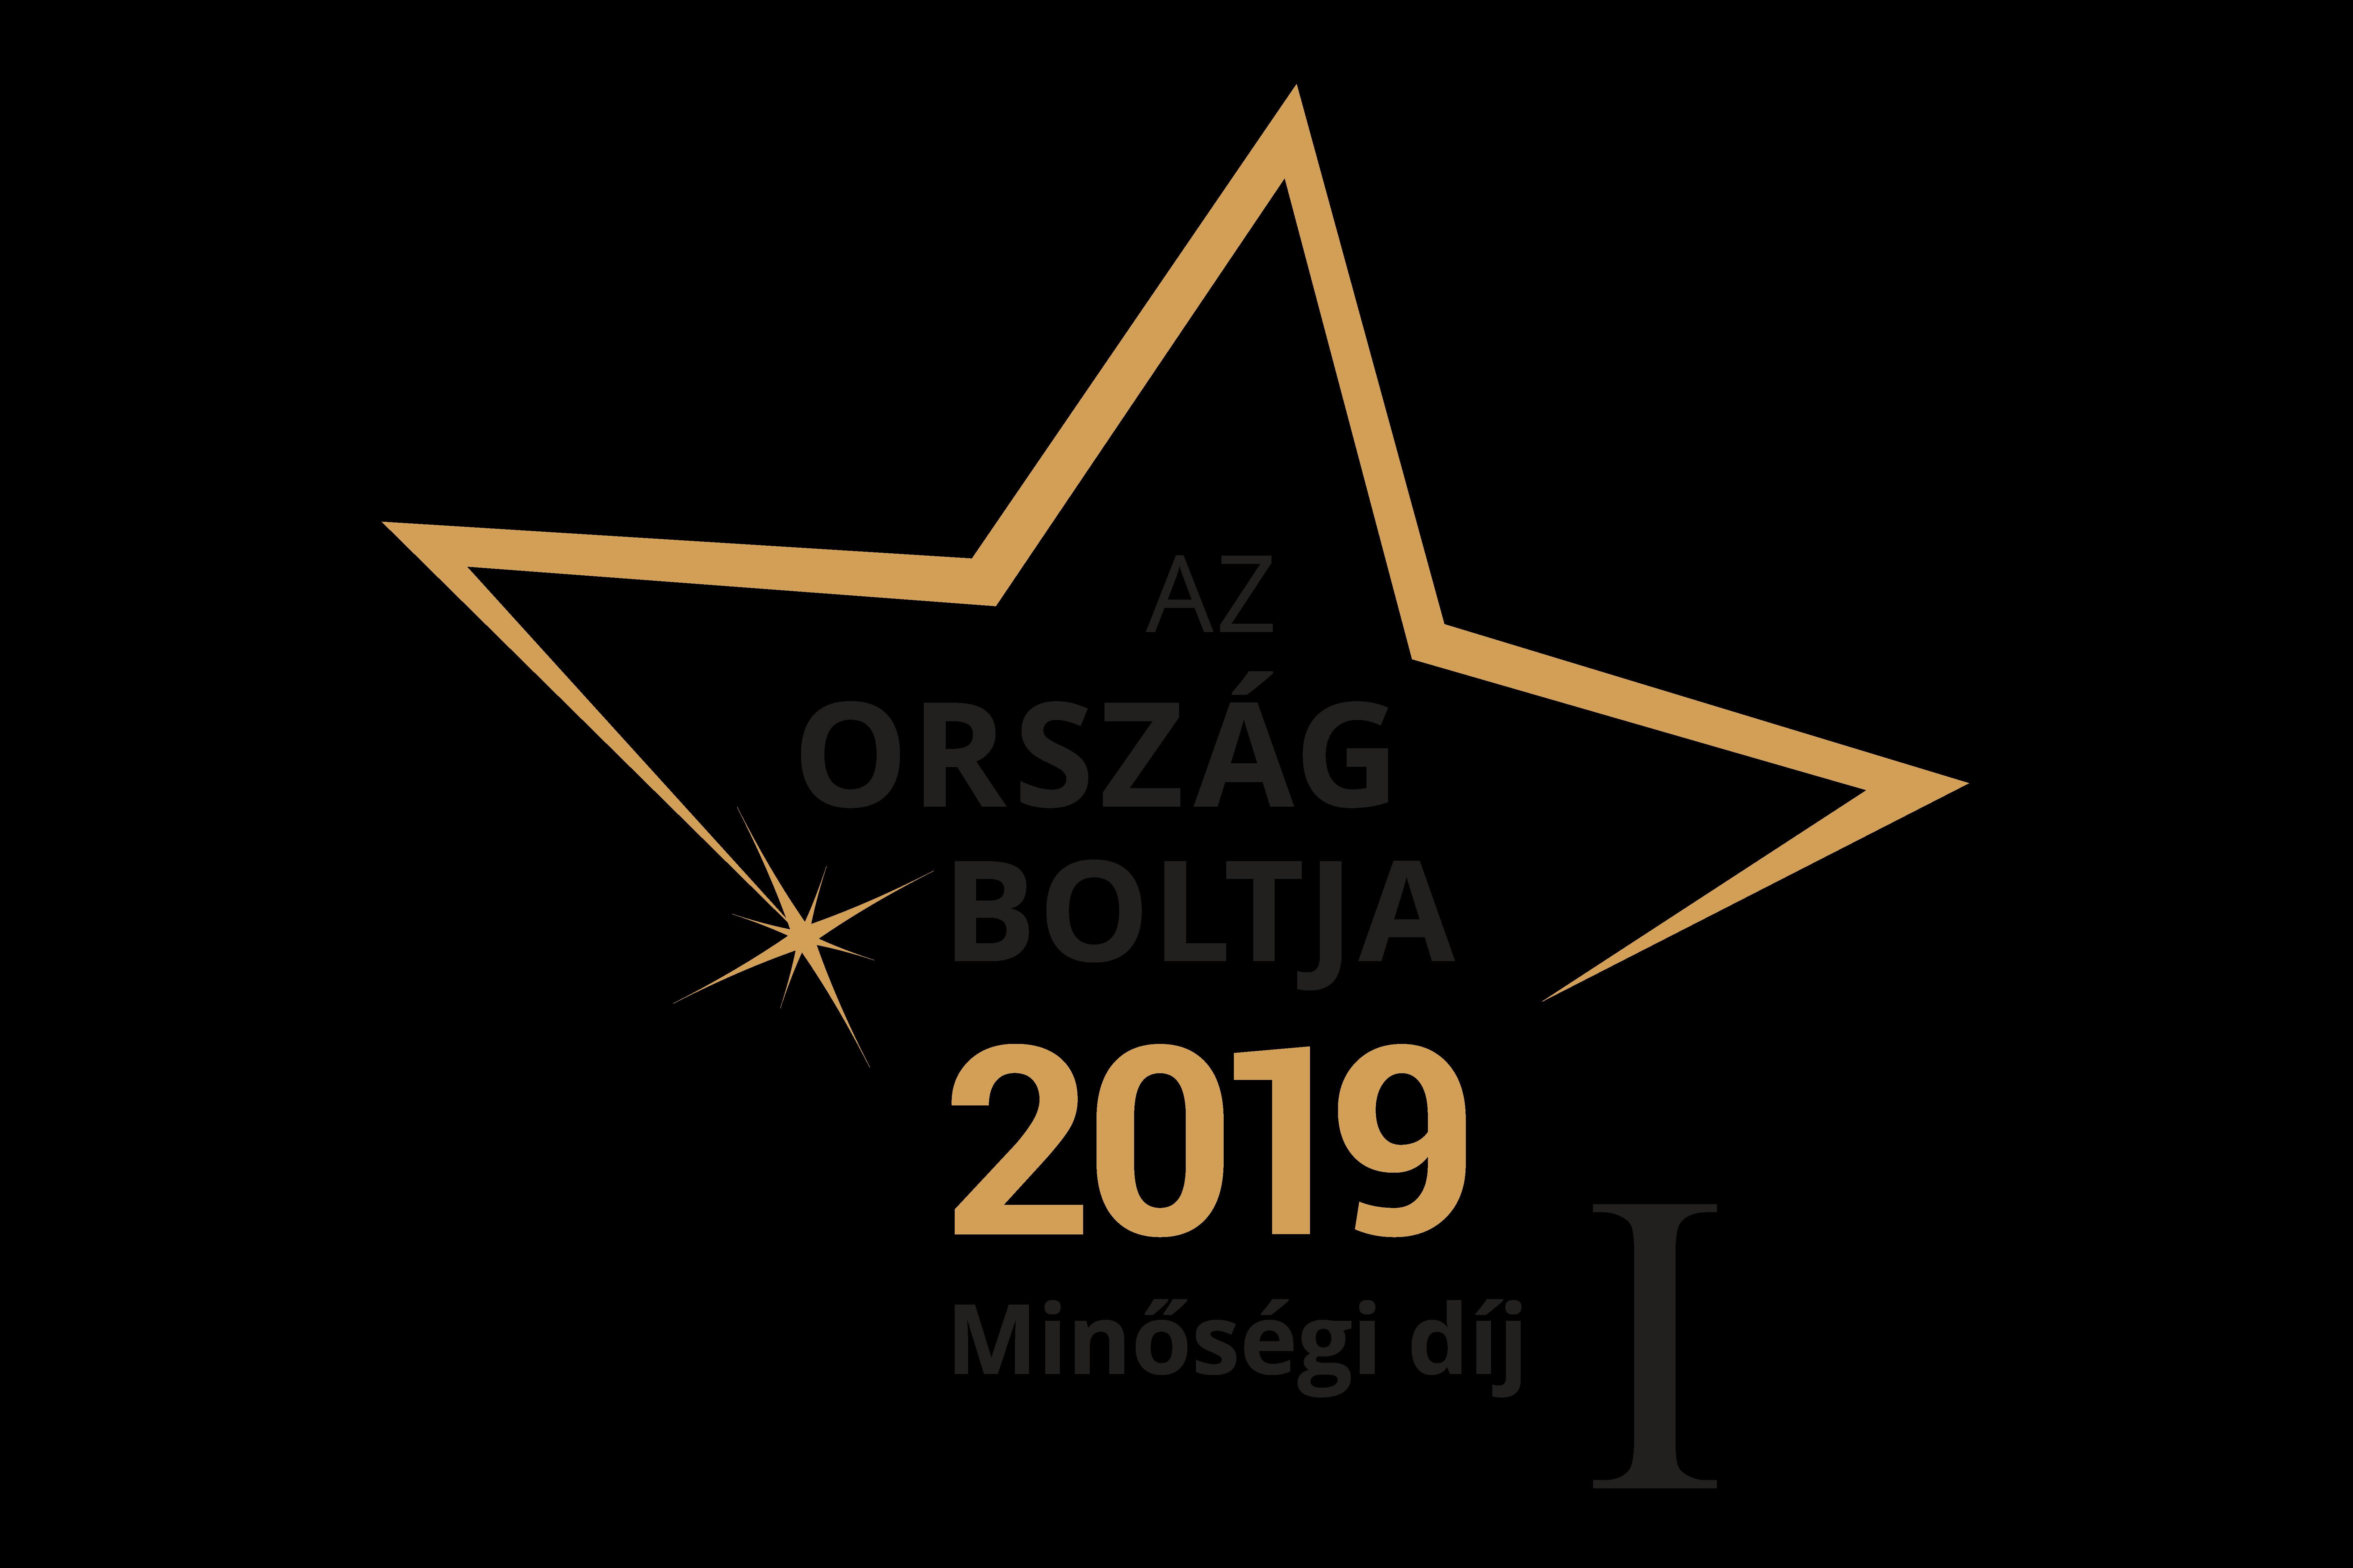 Ország Boltja 2018 Minőségi díj Sport és fitnesz kategória I. Helyezett